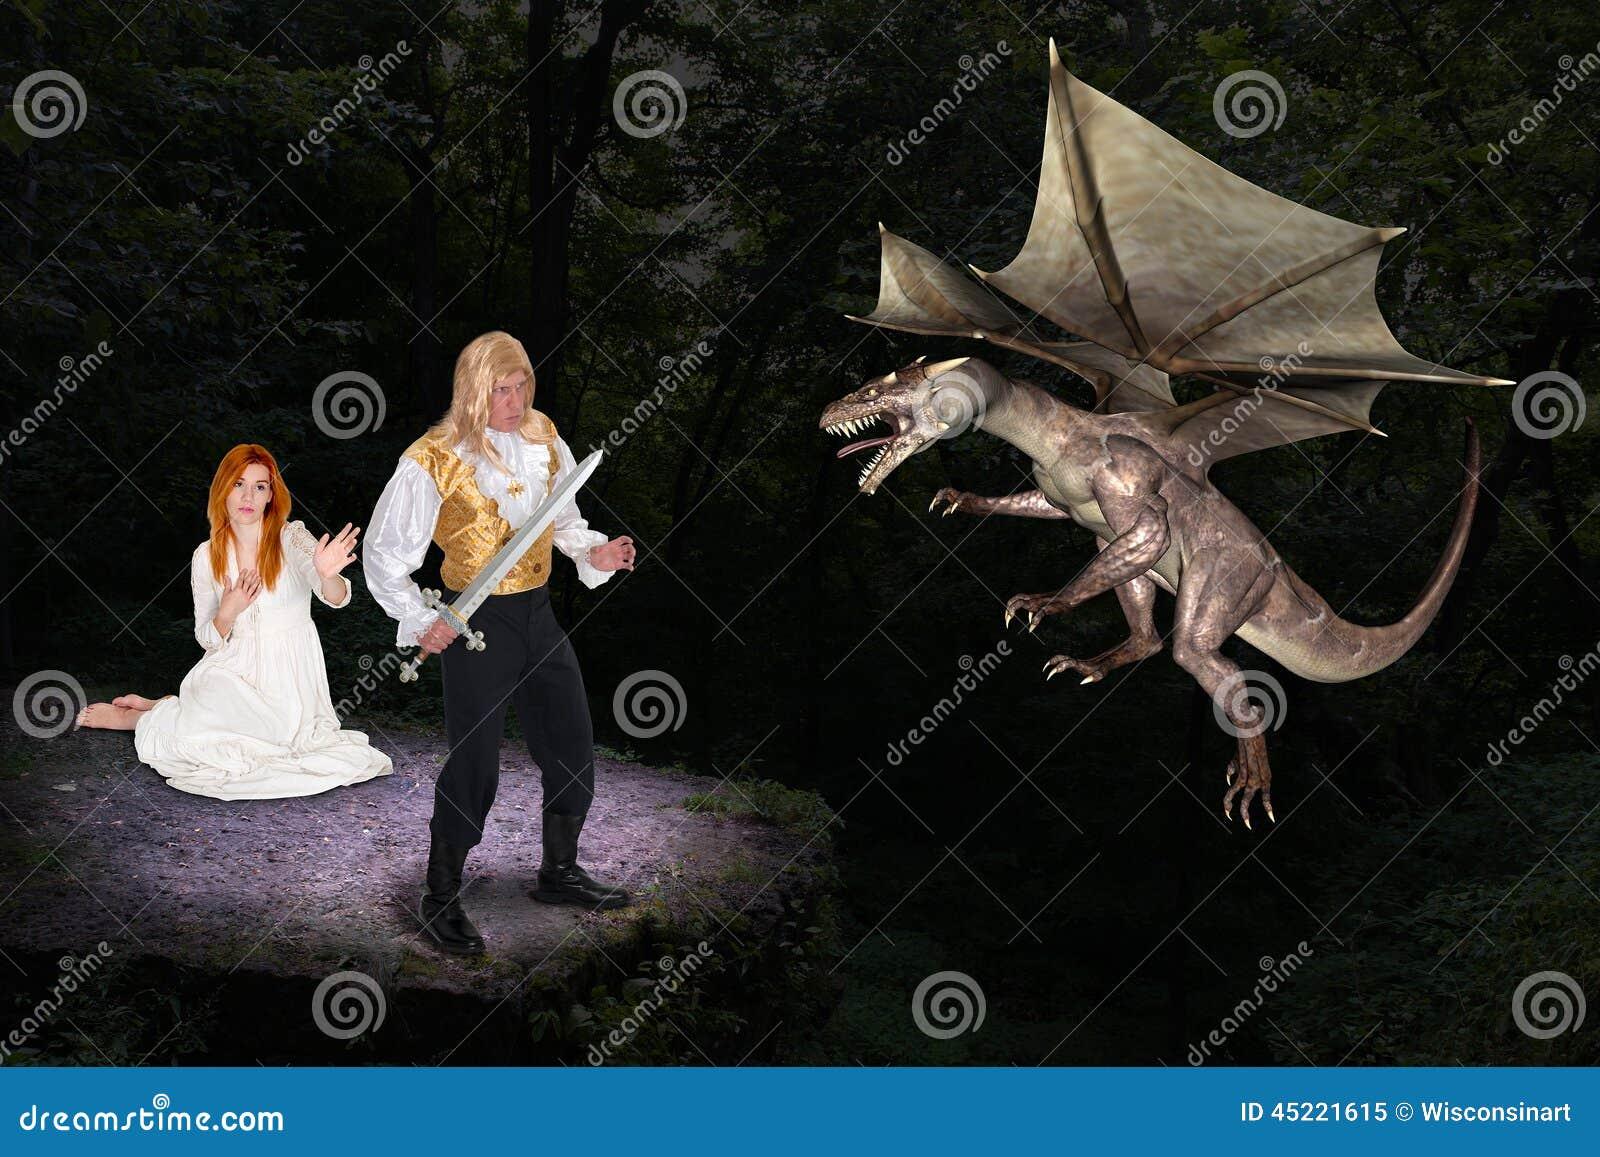 Knappe Prins Save Fair Maiden van Kwade Draak